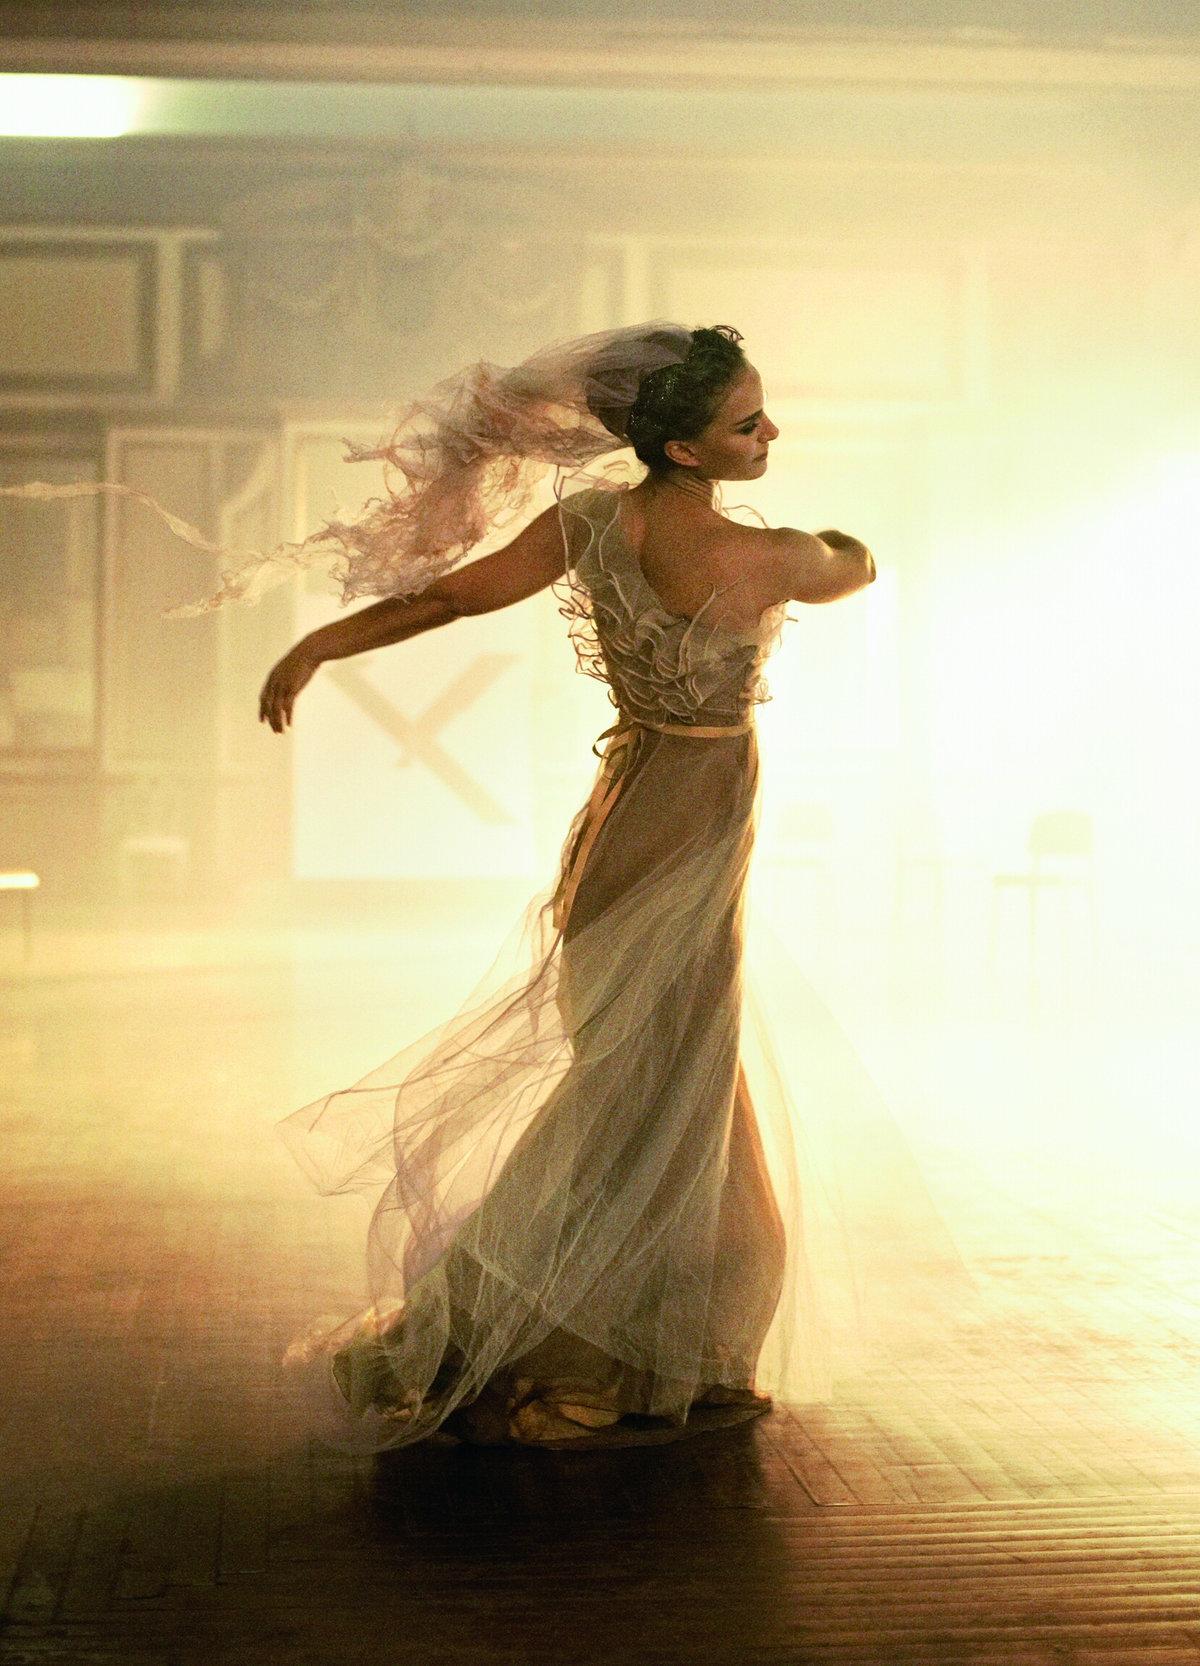 оставшиеся танцуя сбрасывает одежду девушки подружки любят